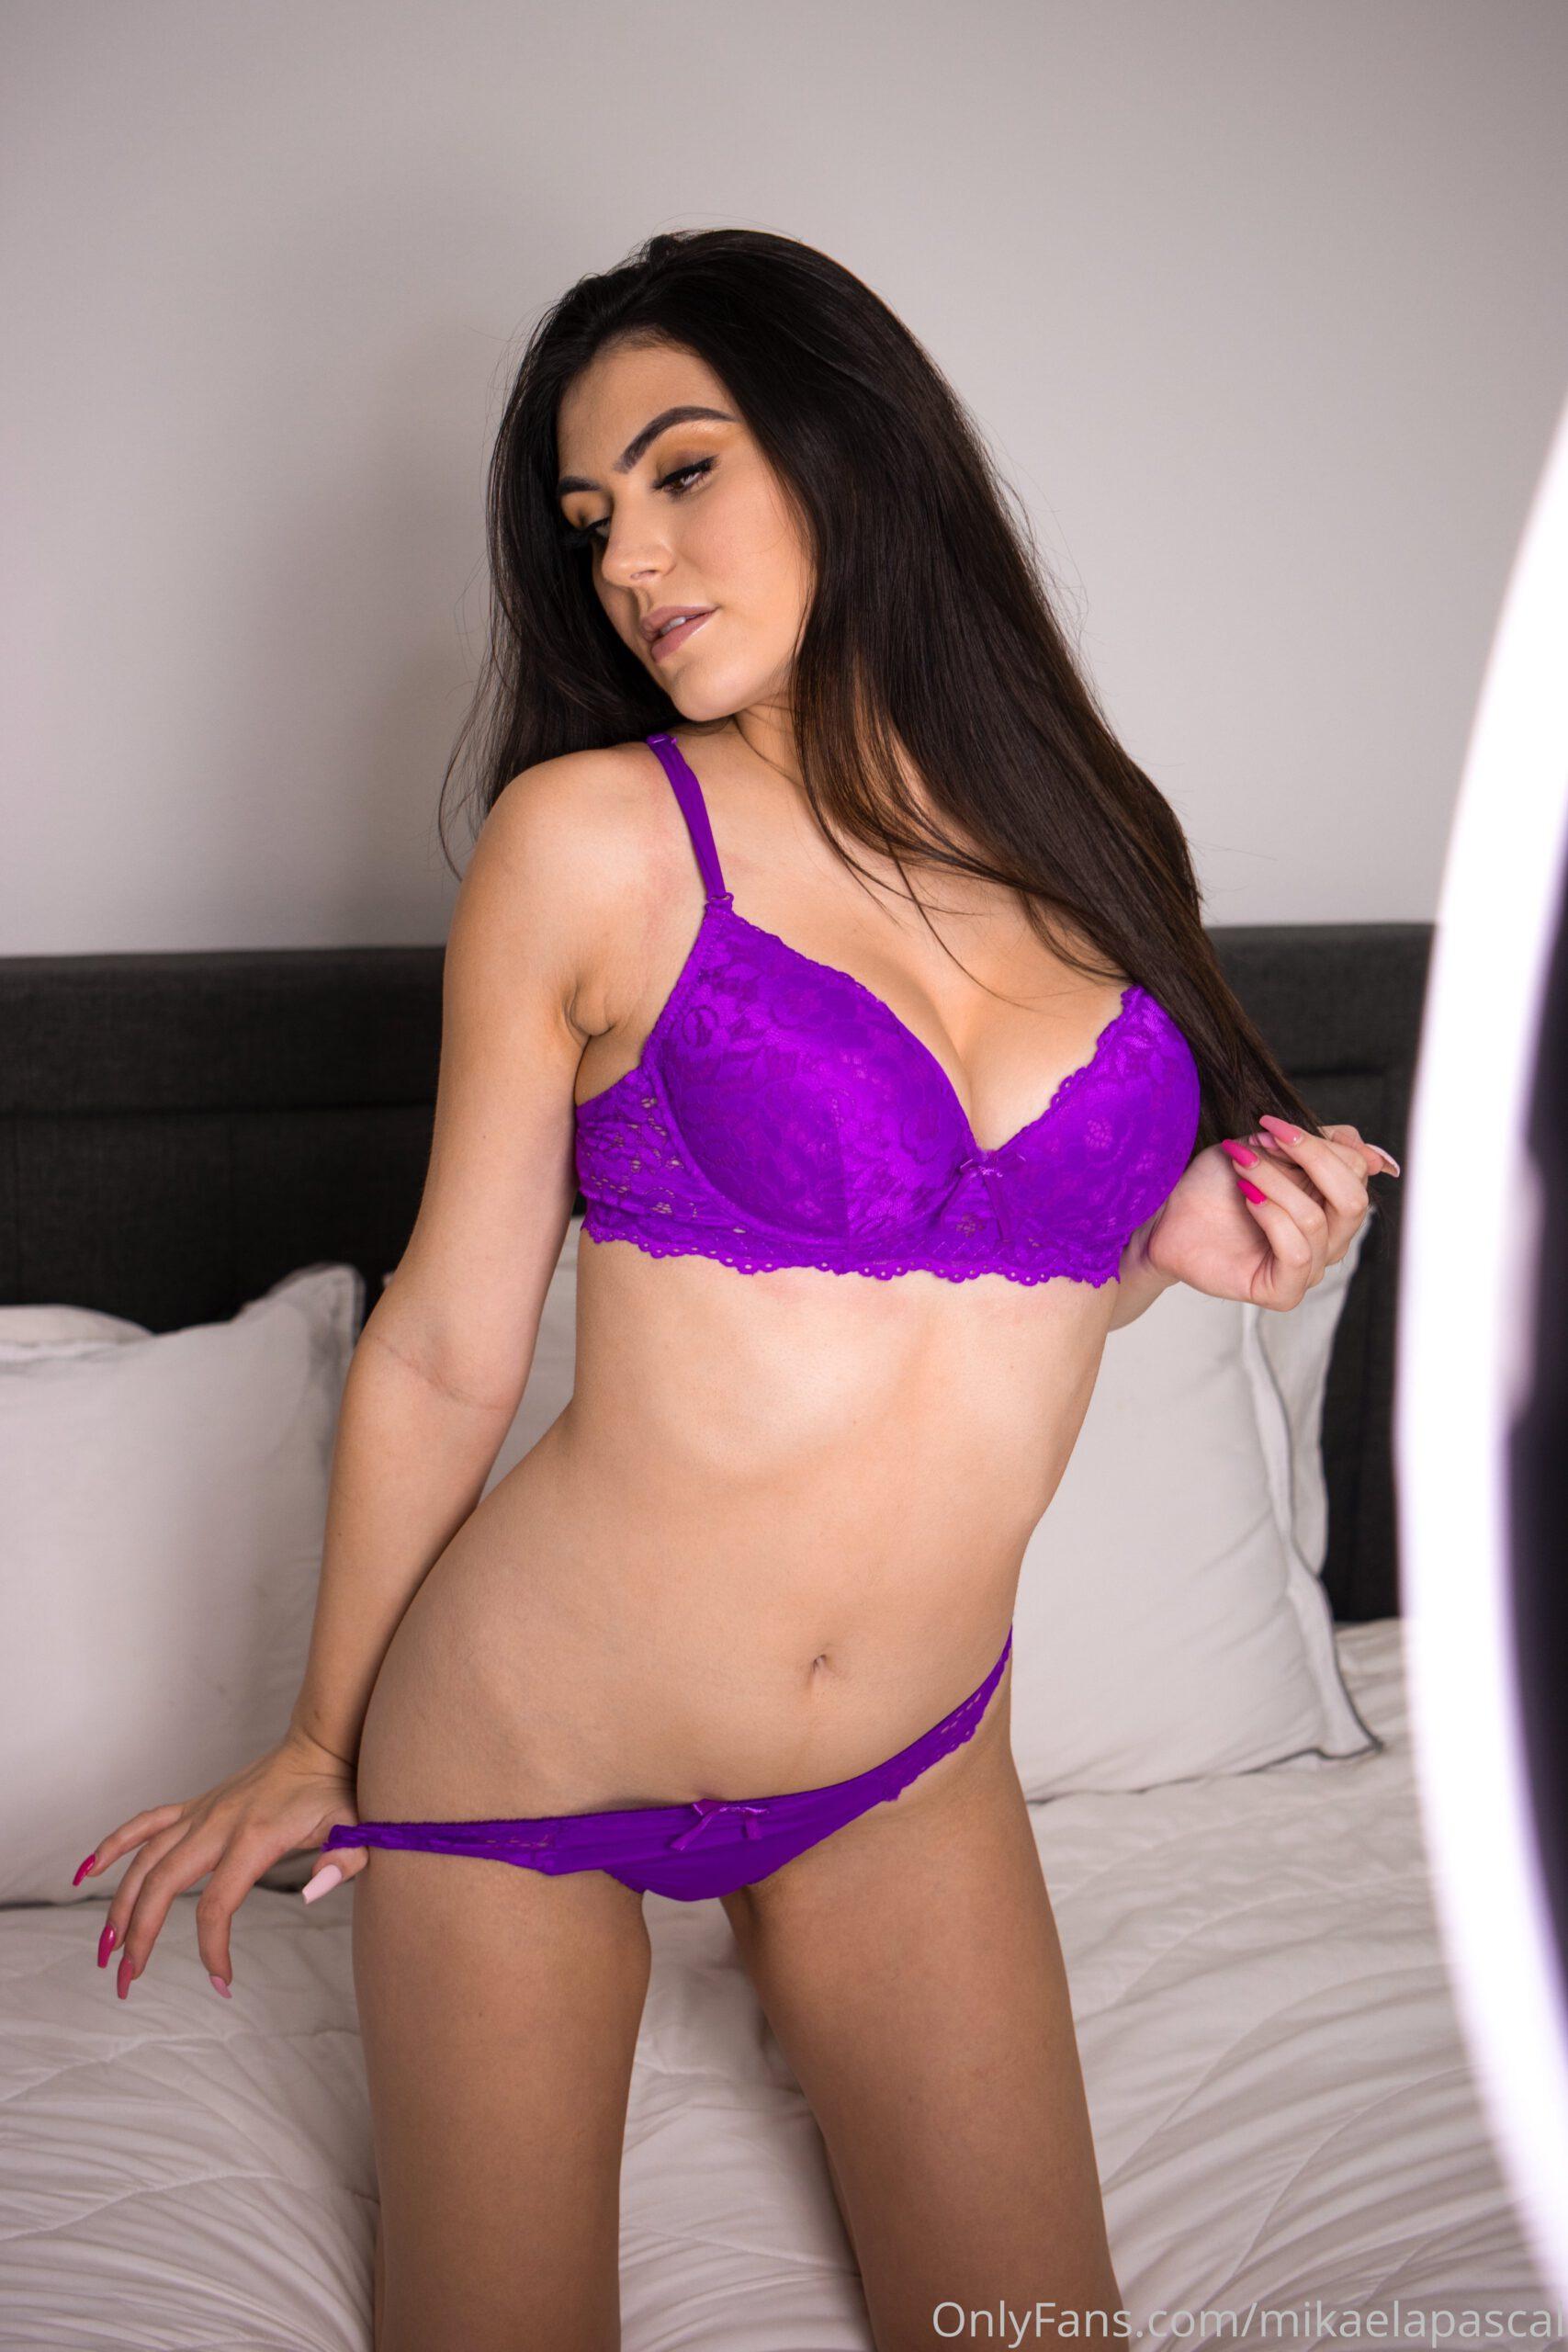 Mikaela Pascal Purple Lingerie 2 scaled